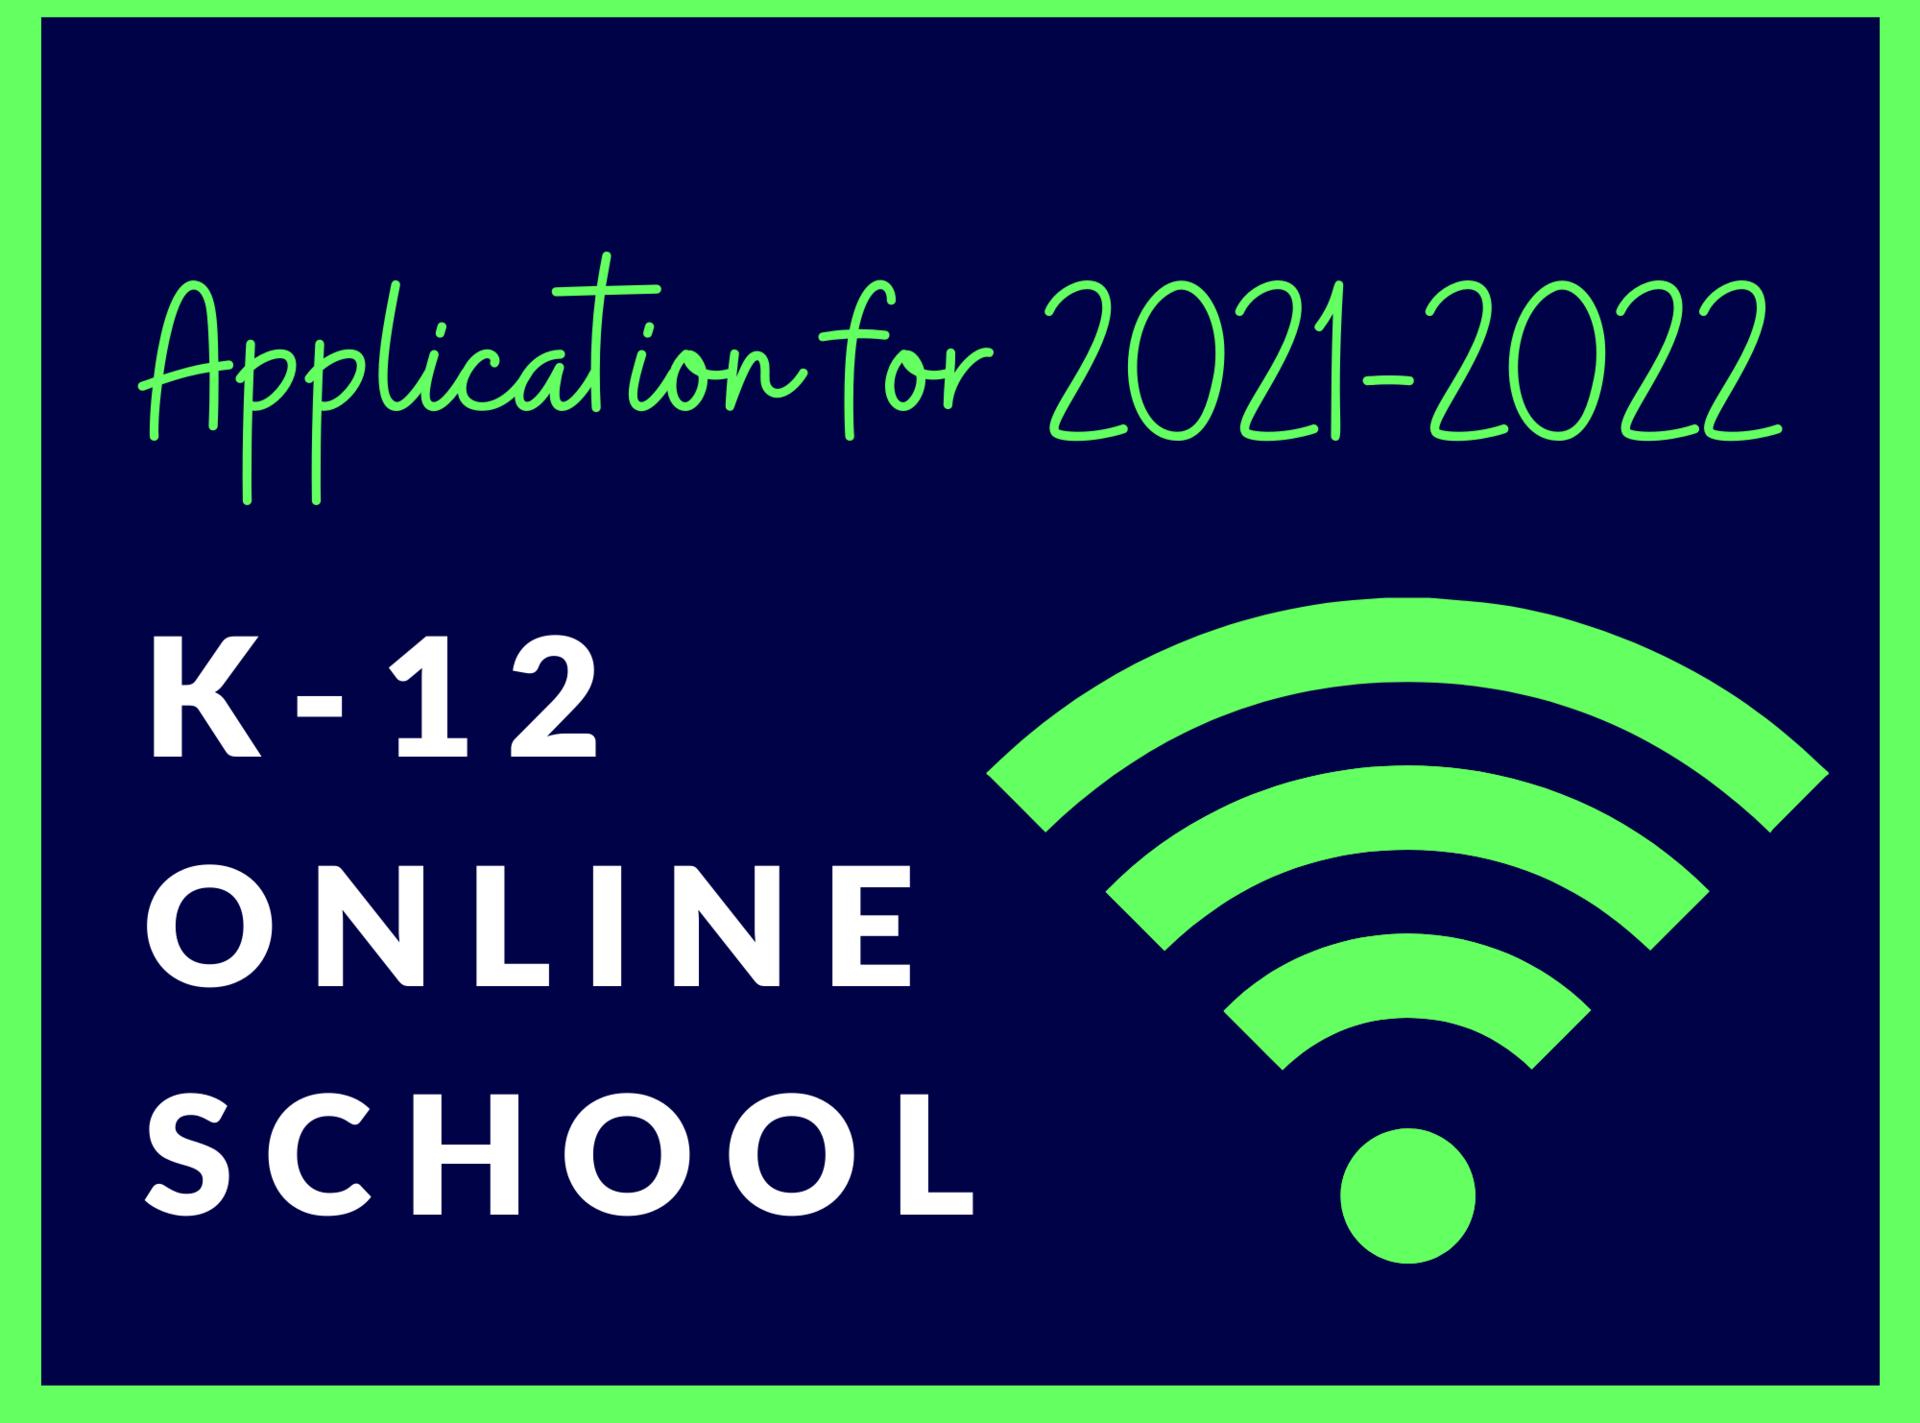 2021-2022 Online Applicatoin